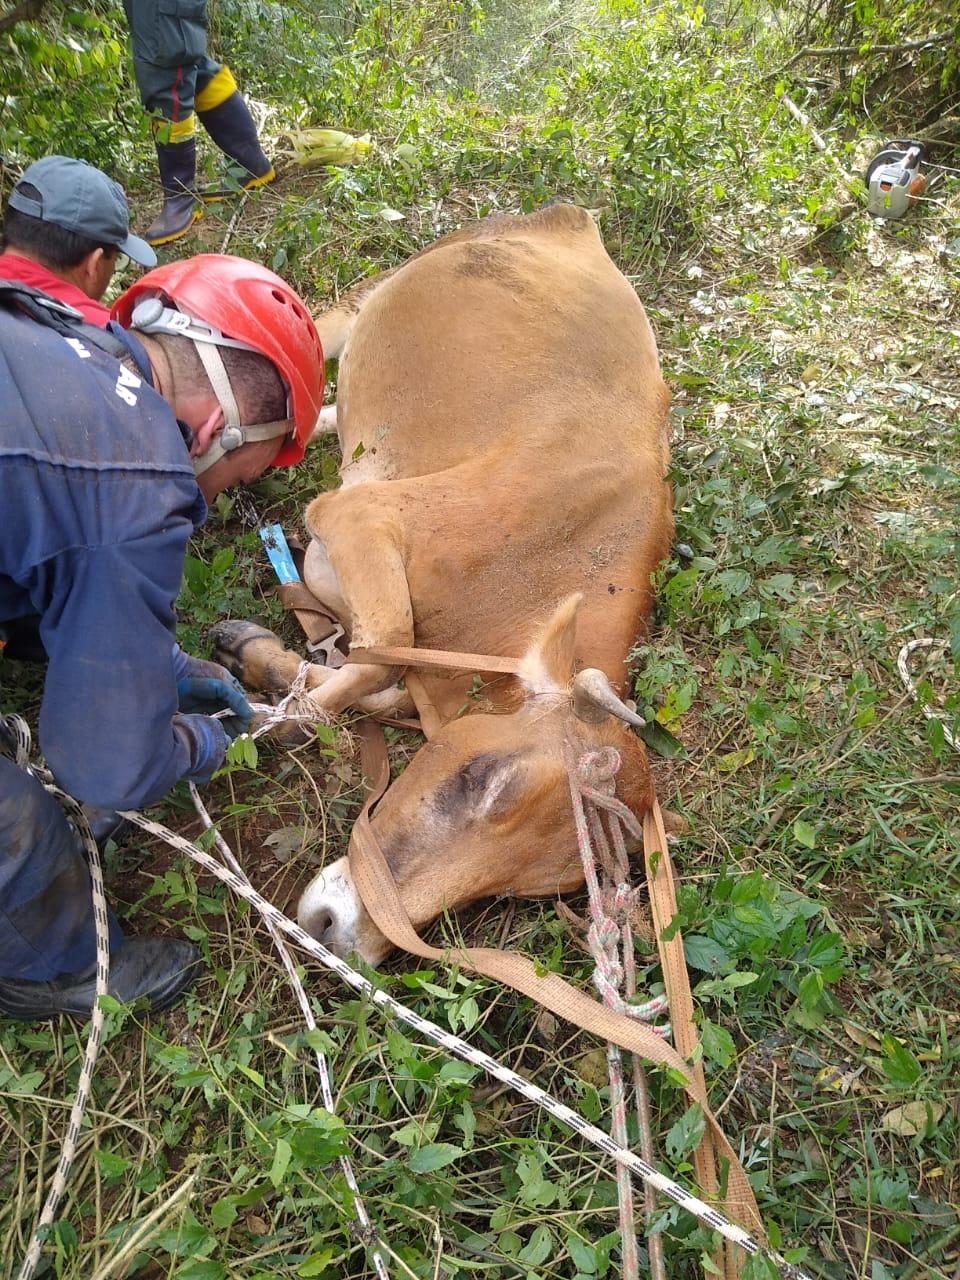 Vaca é resgatada após ficar pendurada em encosta com quase 50 metros de altura em SC - Divulgação/OBM Ituporanga